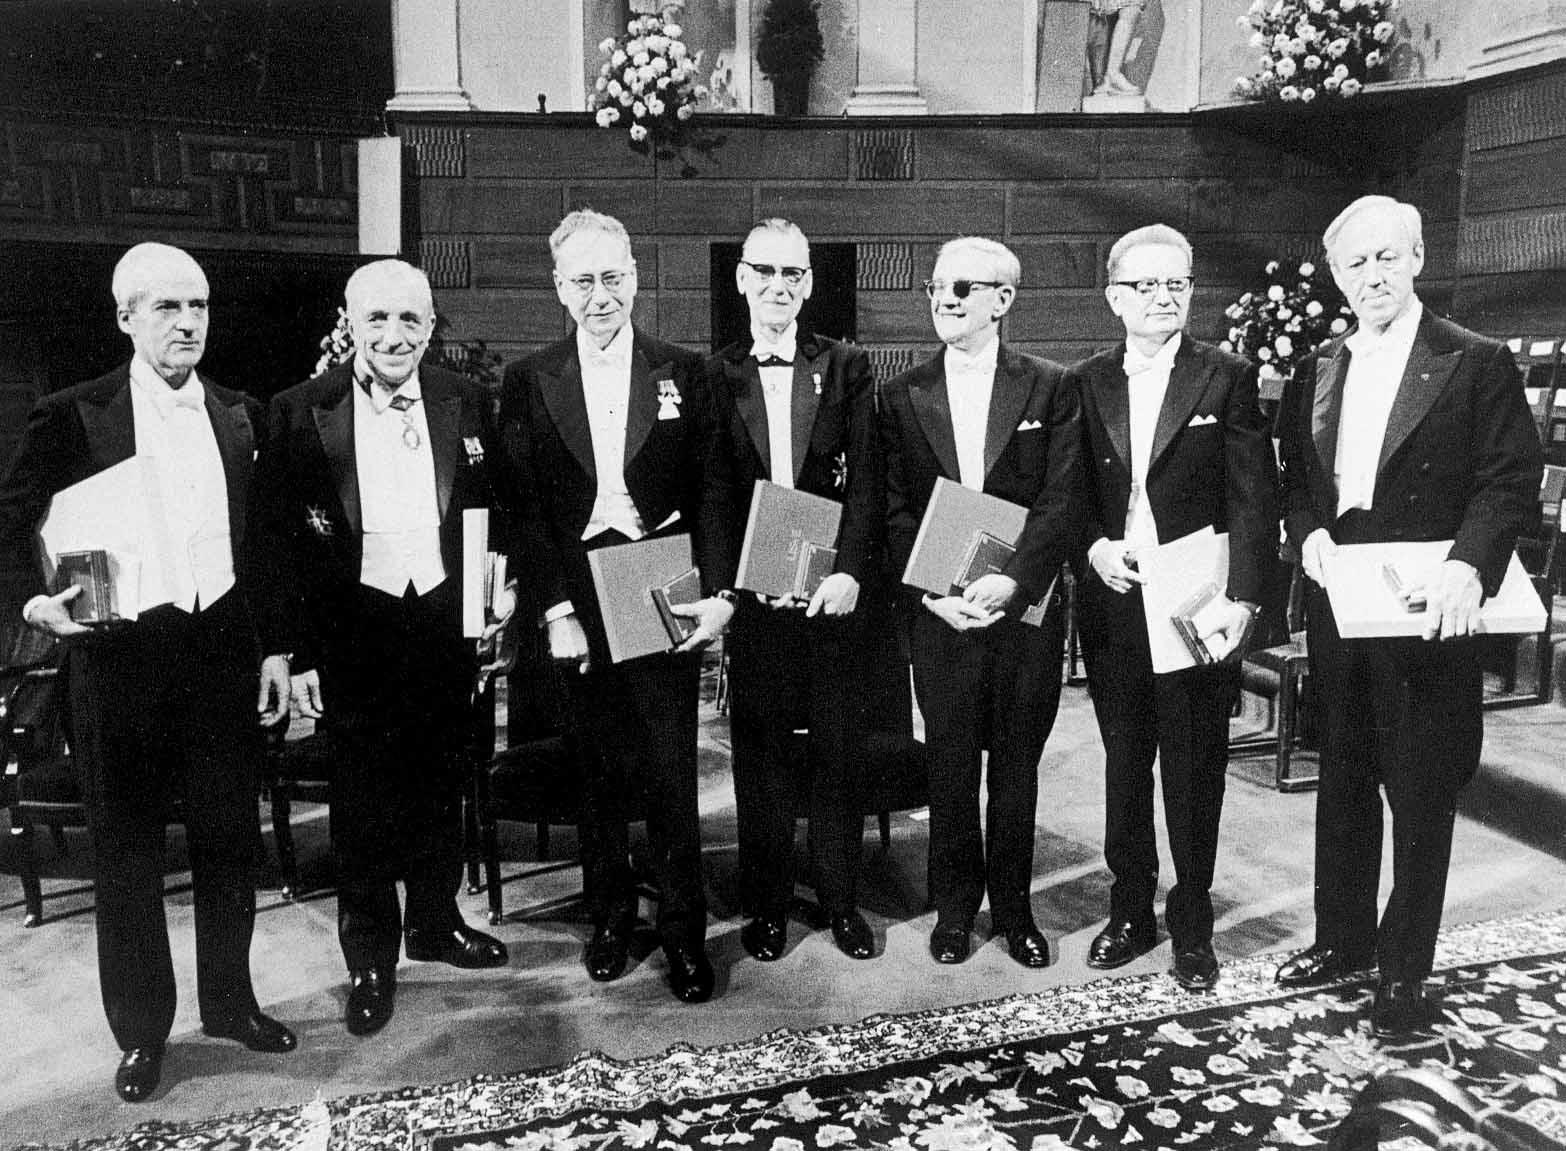 El doctor Luis Federico Leloir obtuvo el Premio Nobel de Química en 1970.